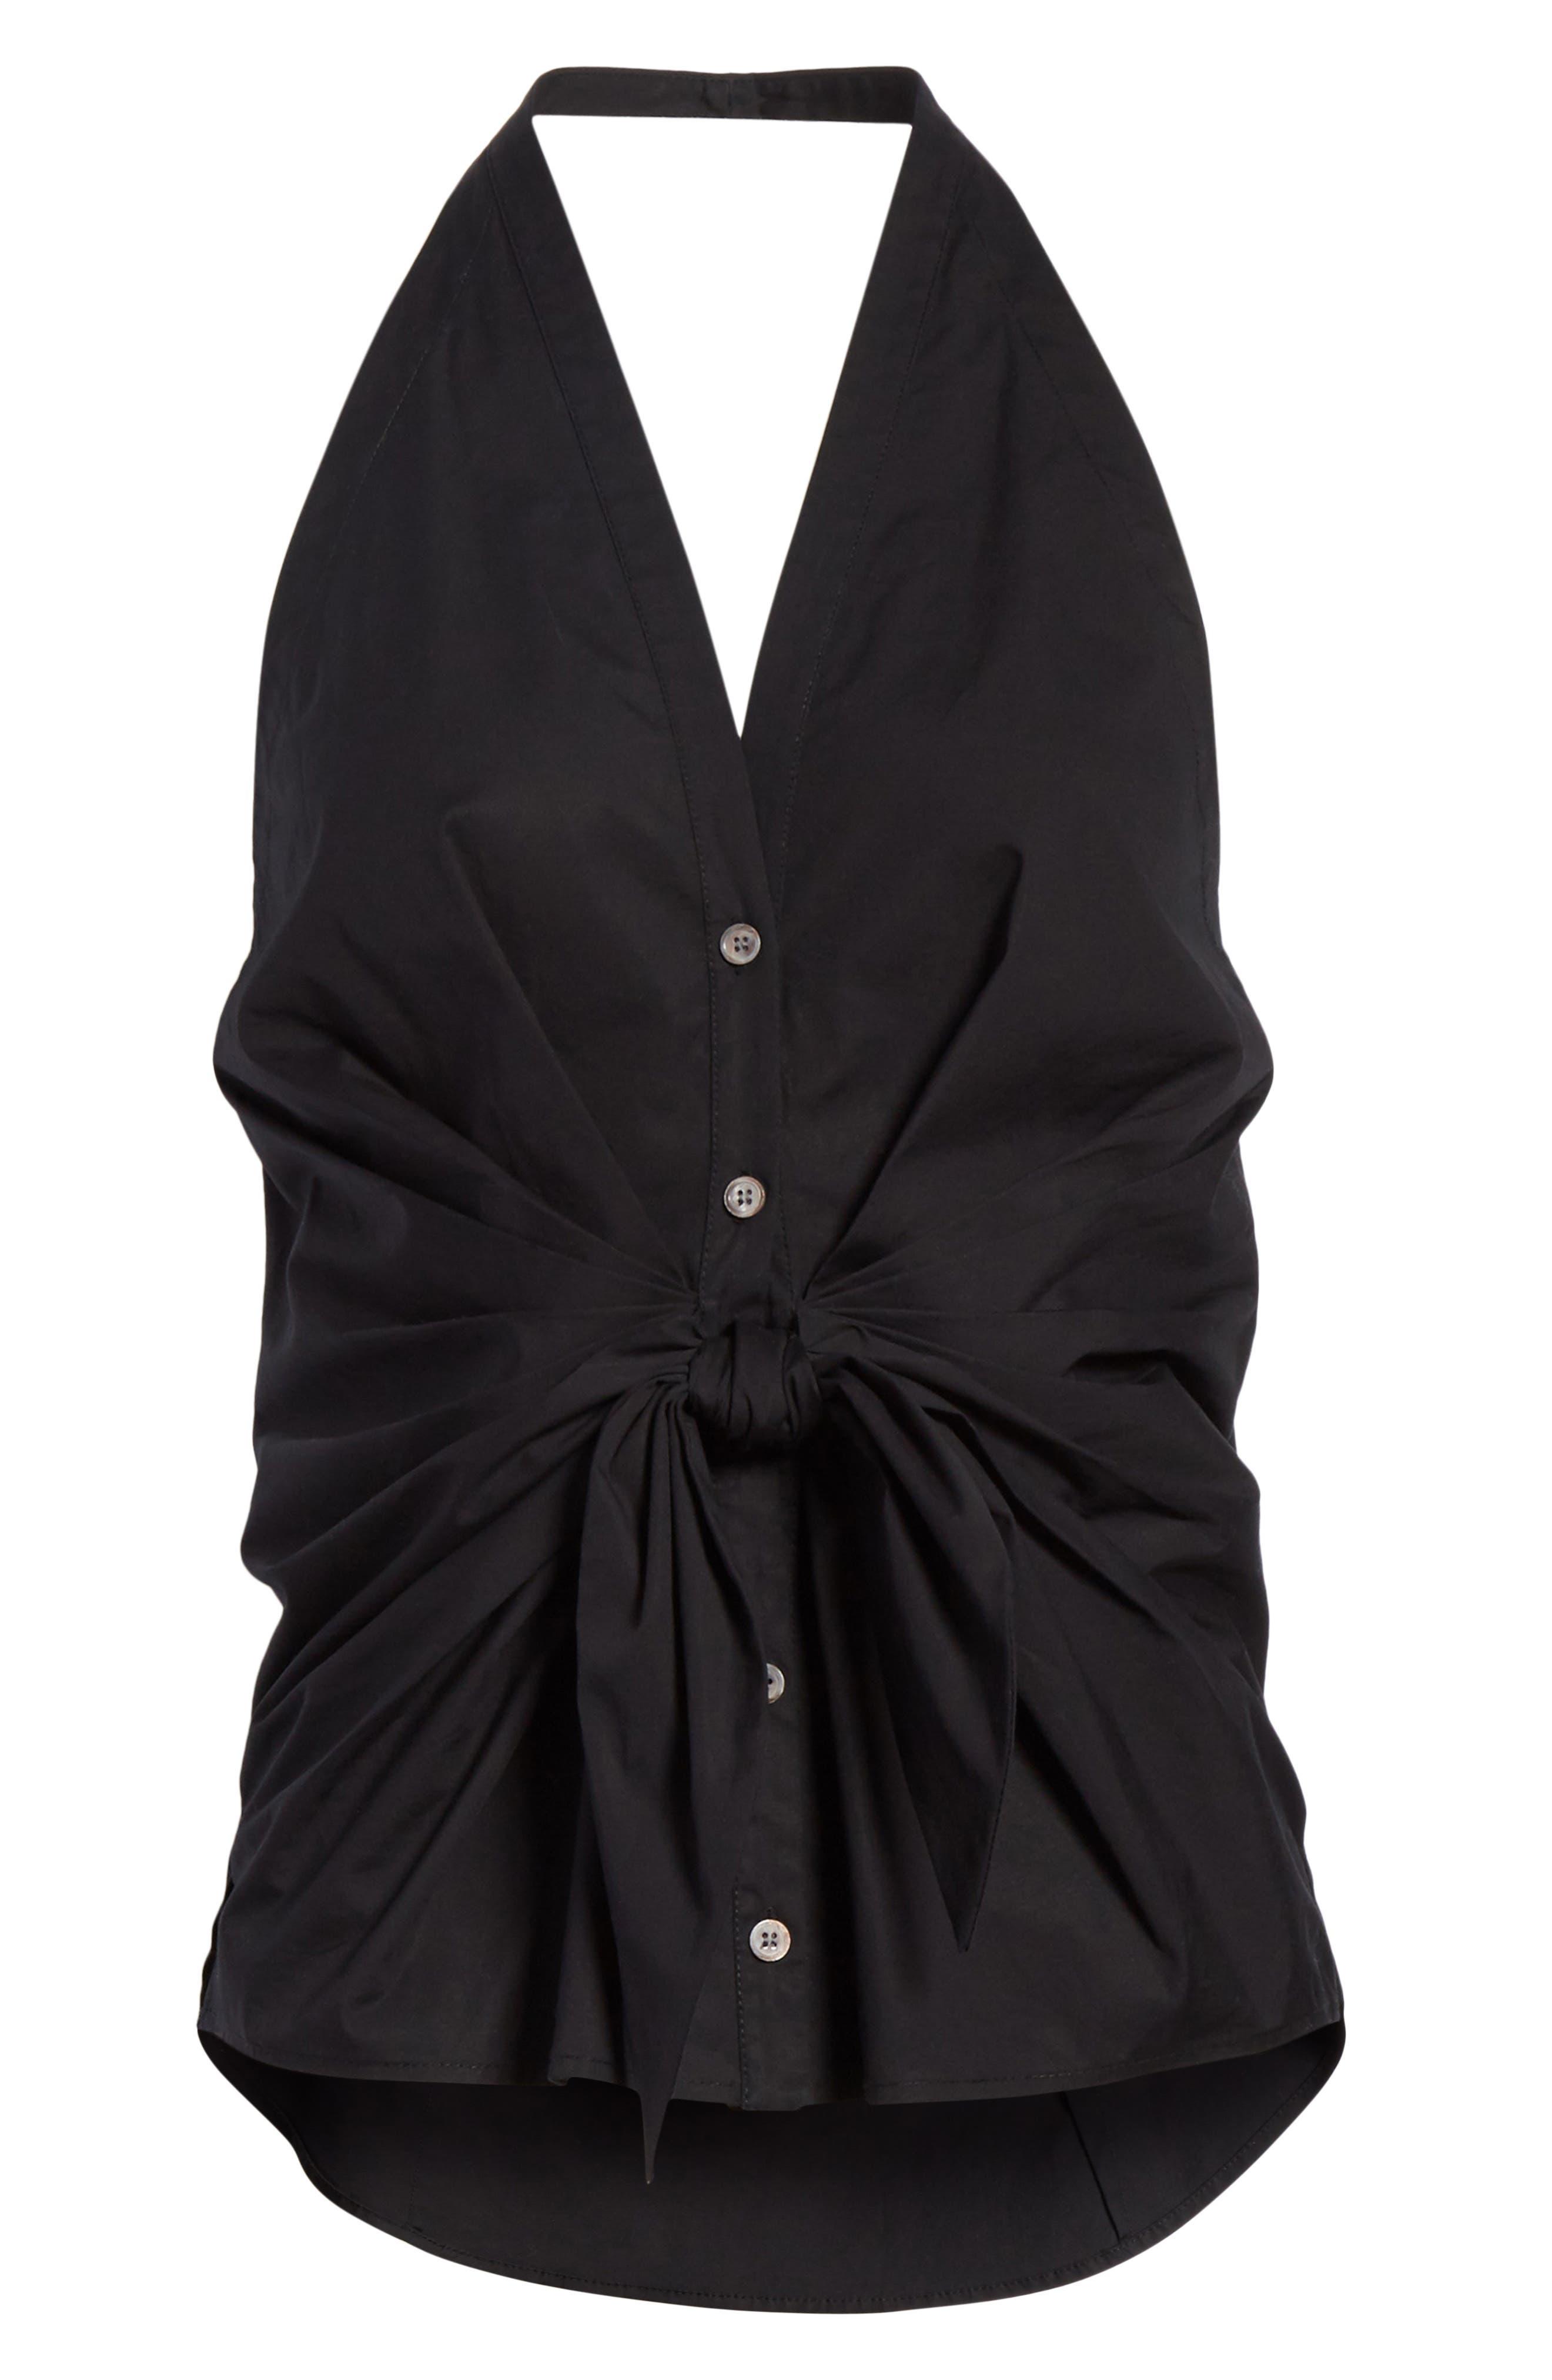 Vea Stretch Cotton Halter Top,                             Alternate thumbnail 6, color,                             Black